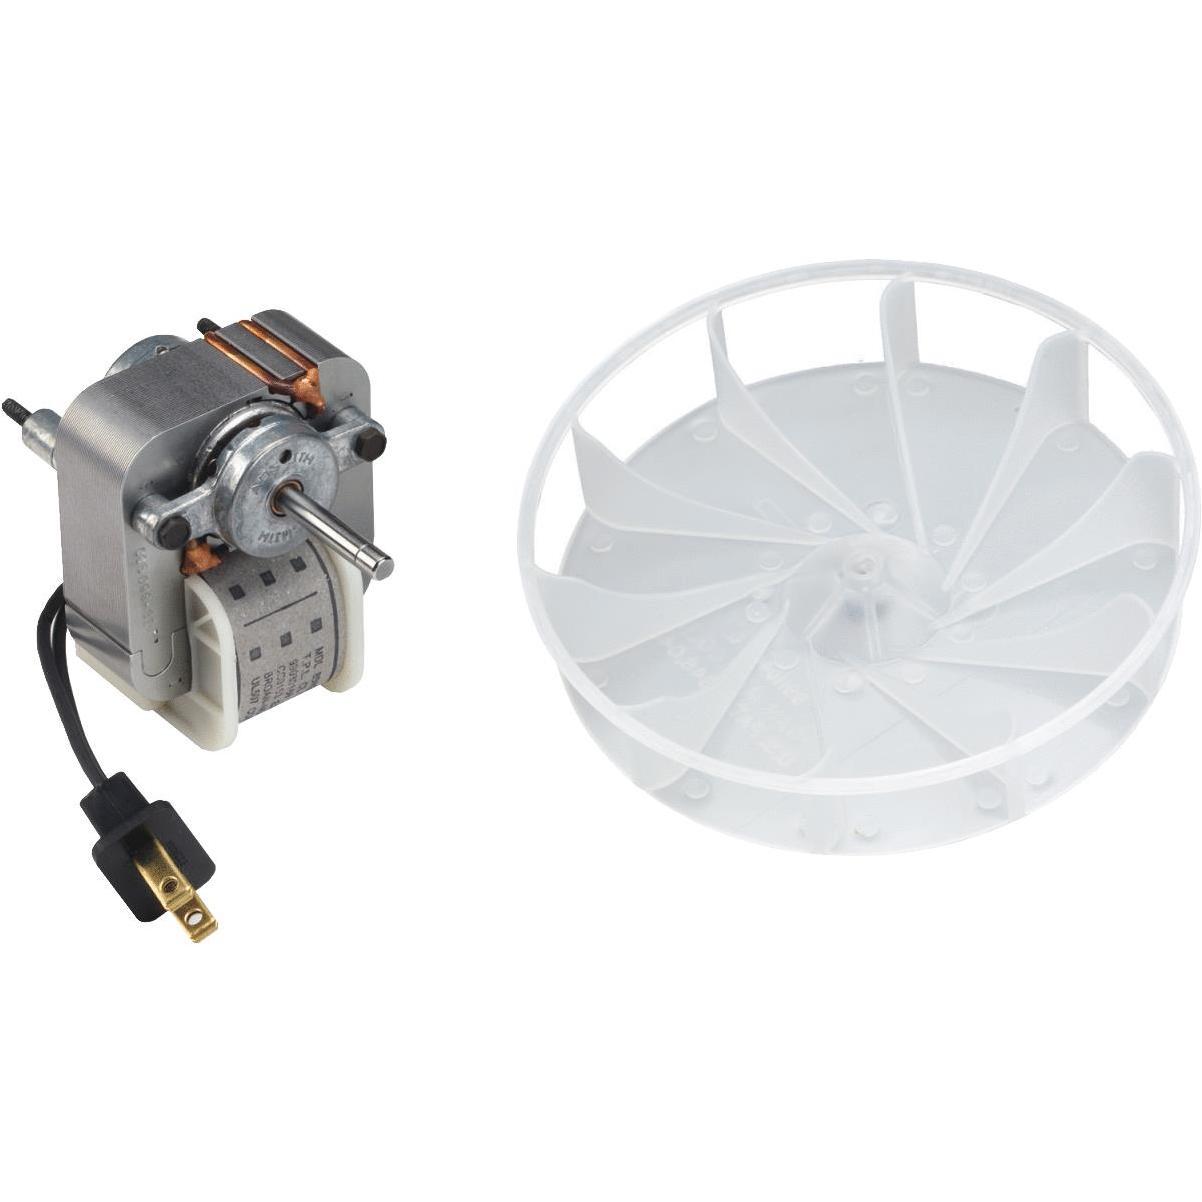 air supply tools